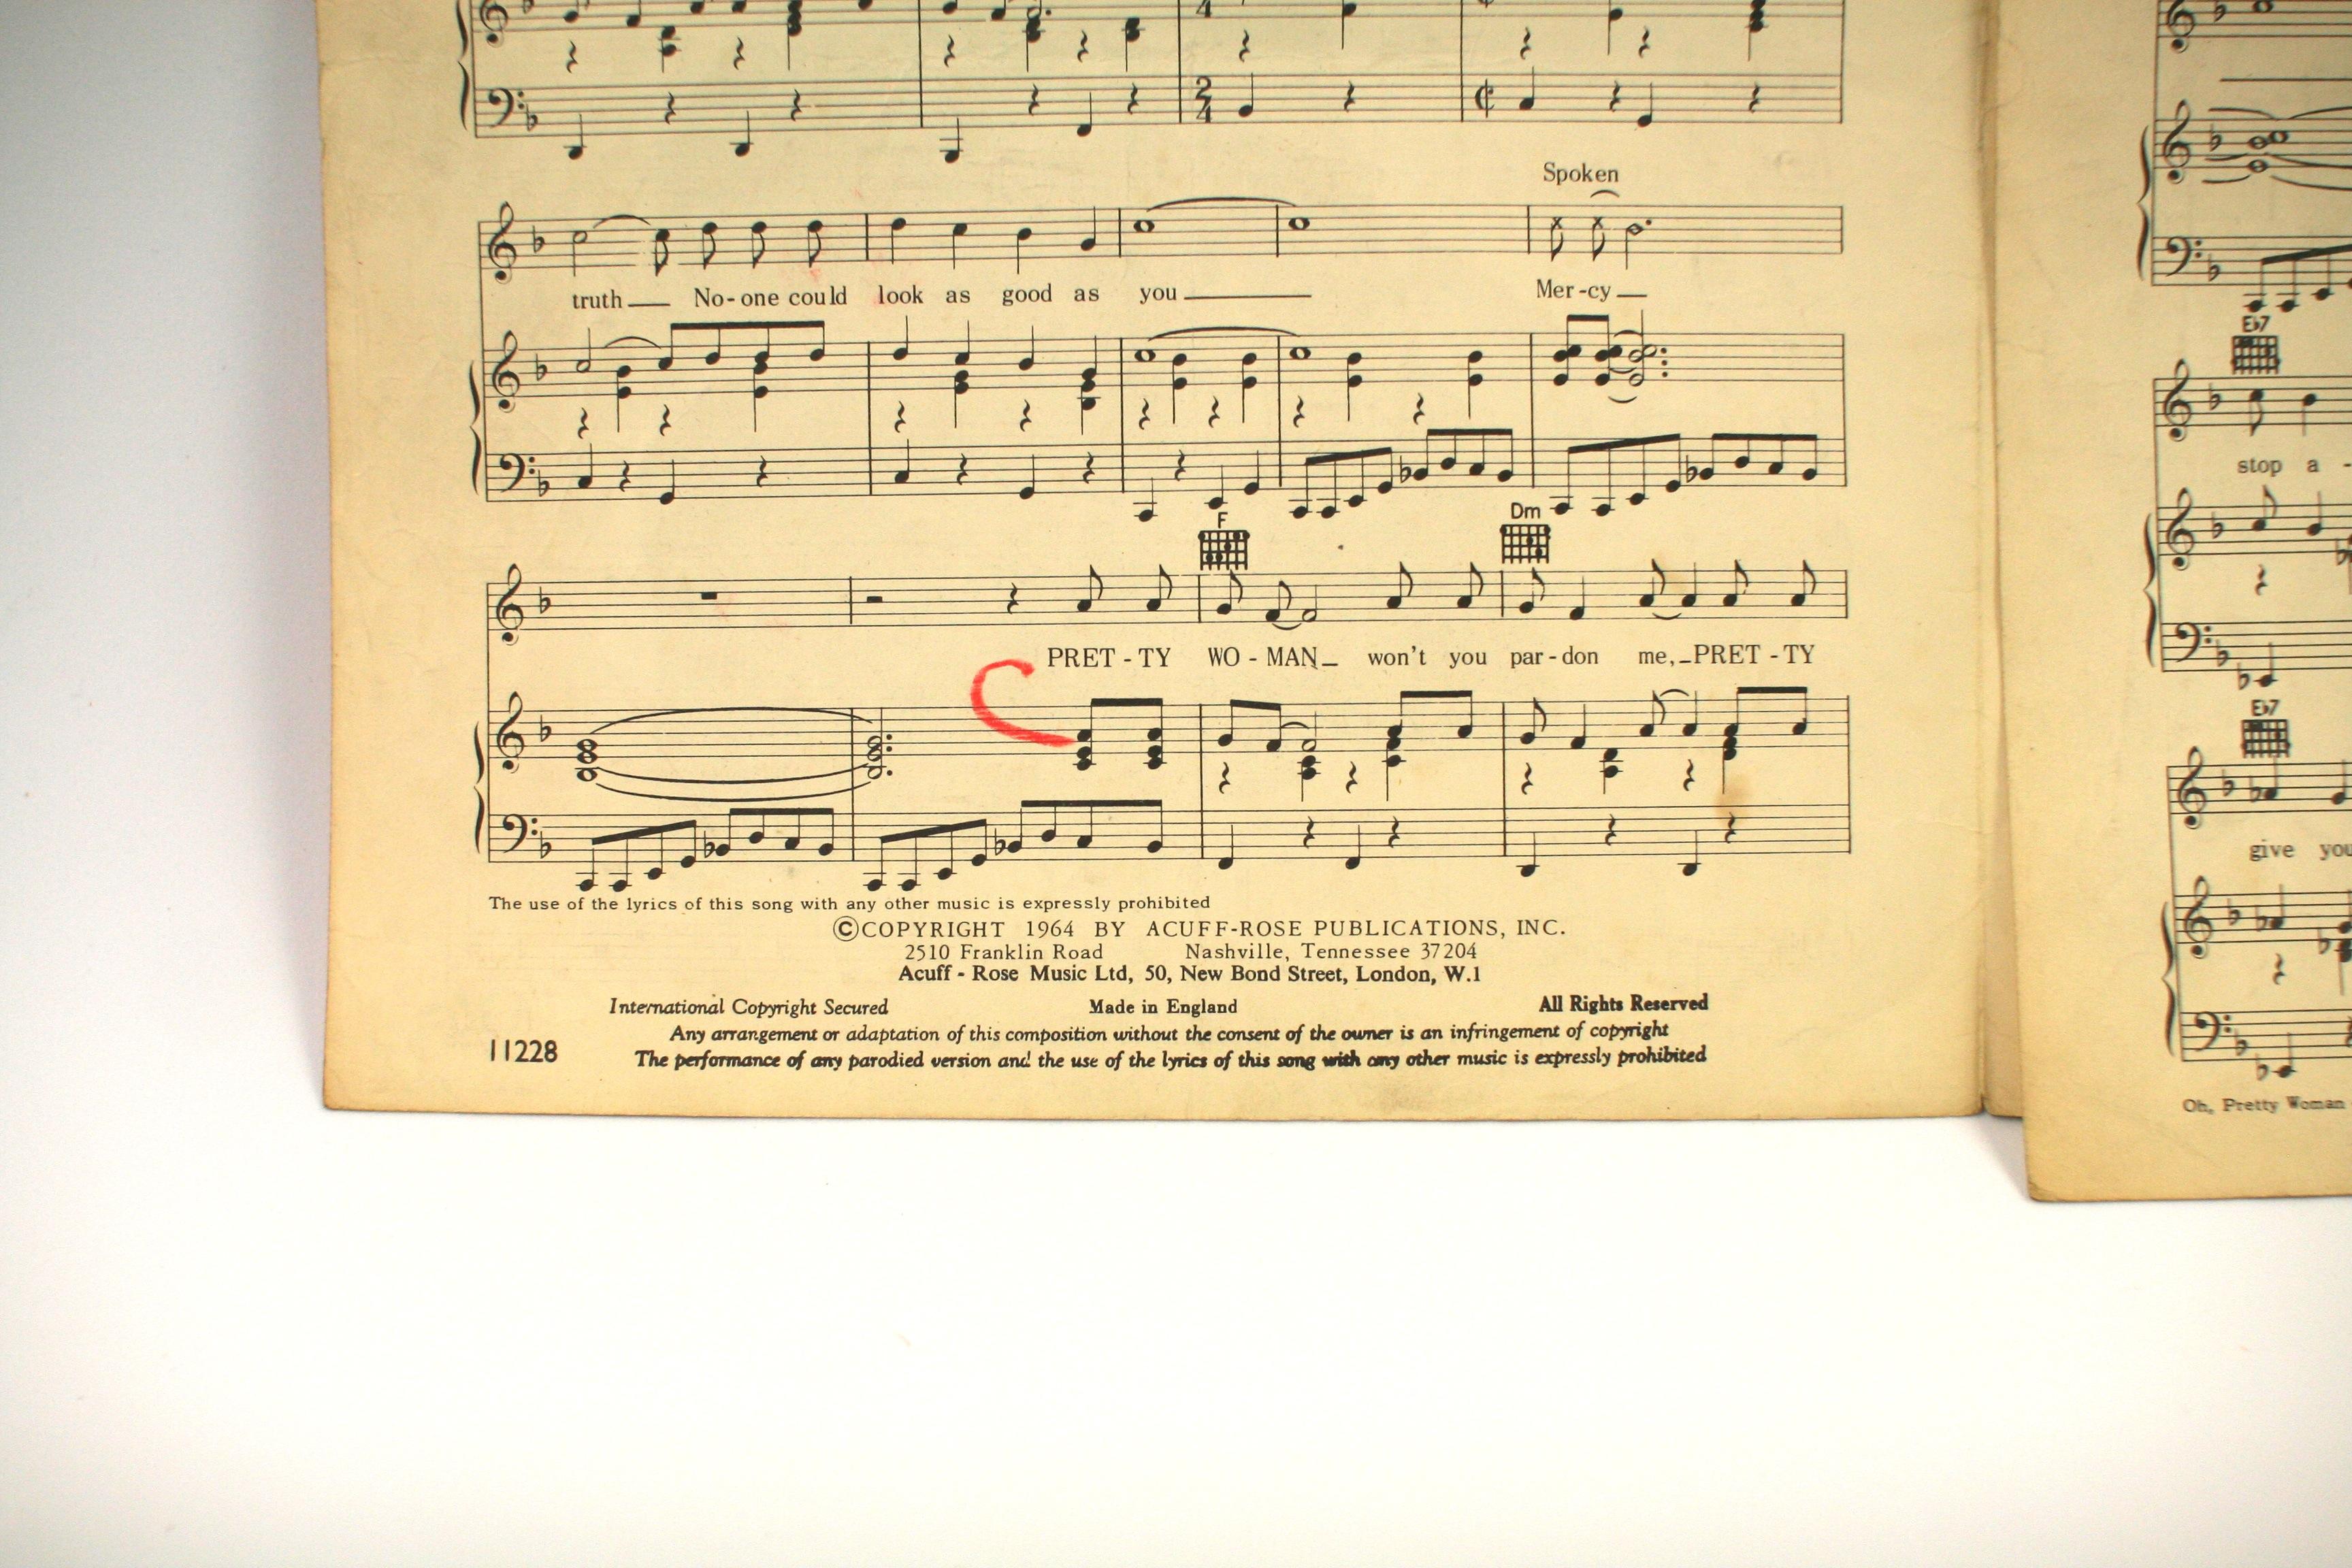 oh pretty woman sheet music pdf